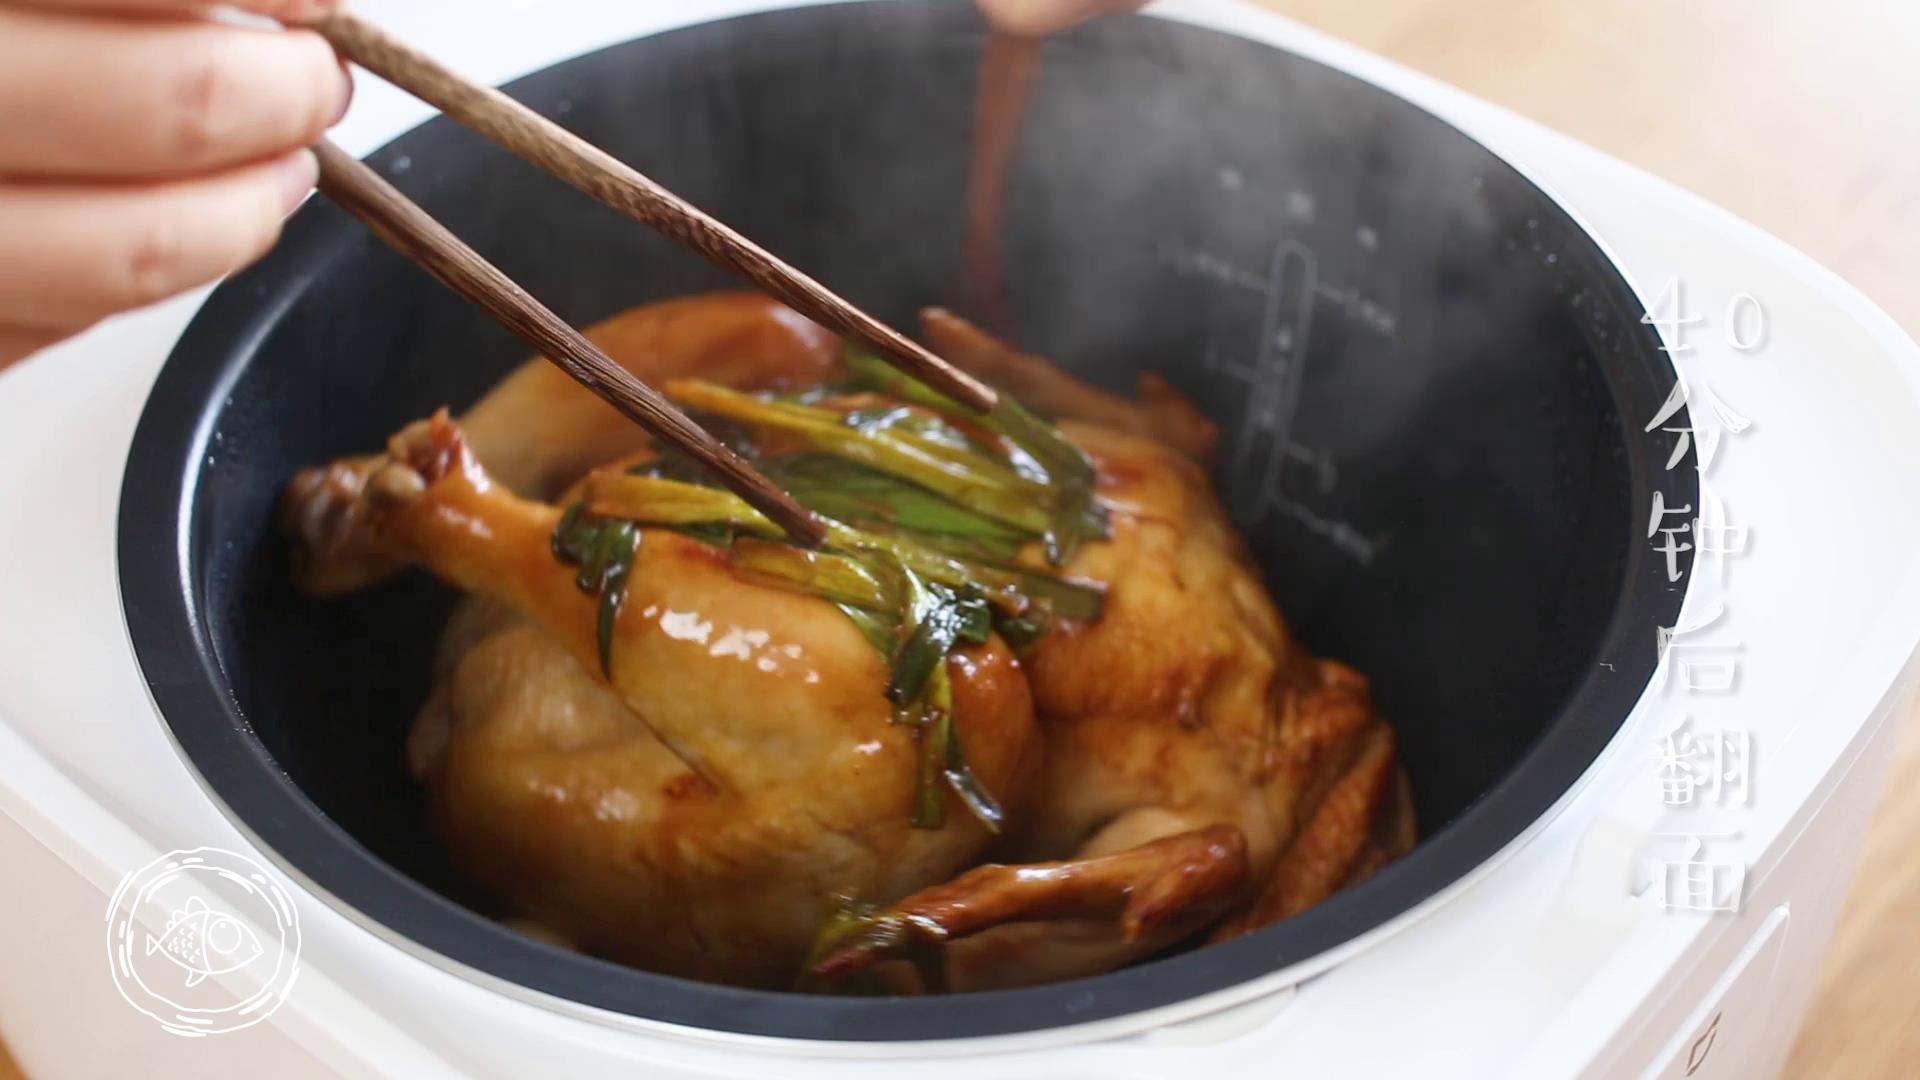 电饭煲烧鸡12m+,40分钟的时候,开锅,翻面~</p> <p>tips:这样做使烧鸡入味、颜色上下面均匀,口感更好和外观也更好看哈~